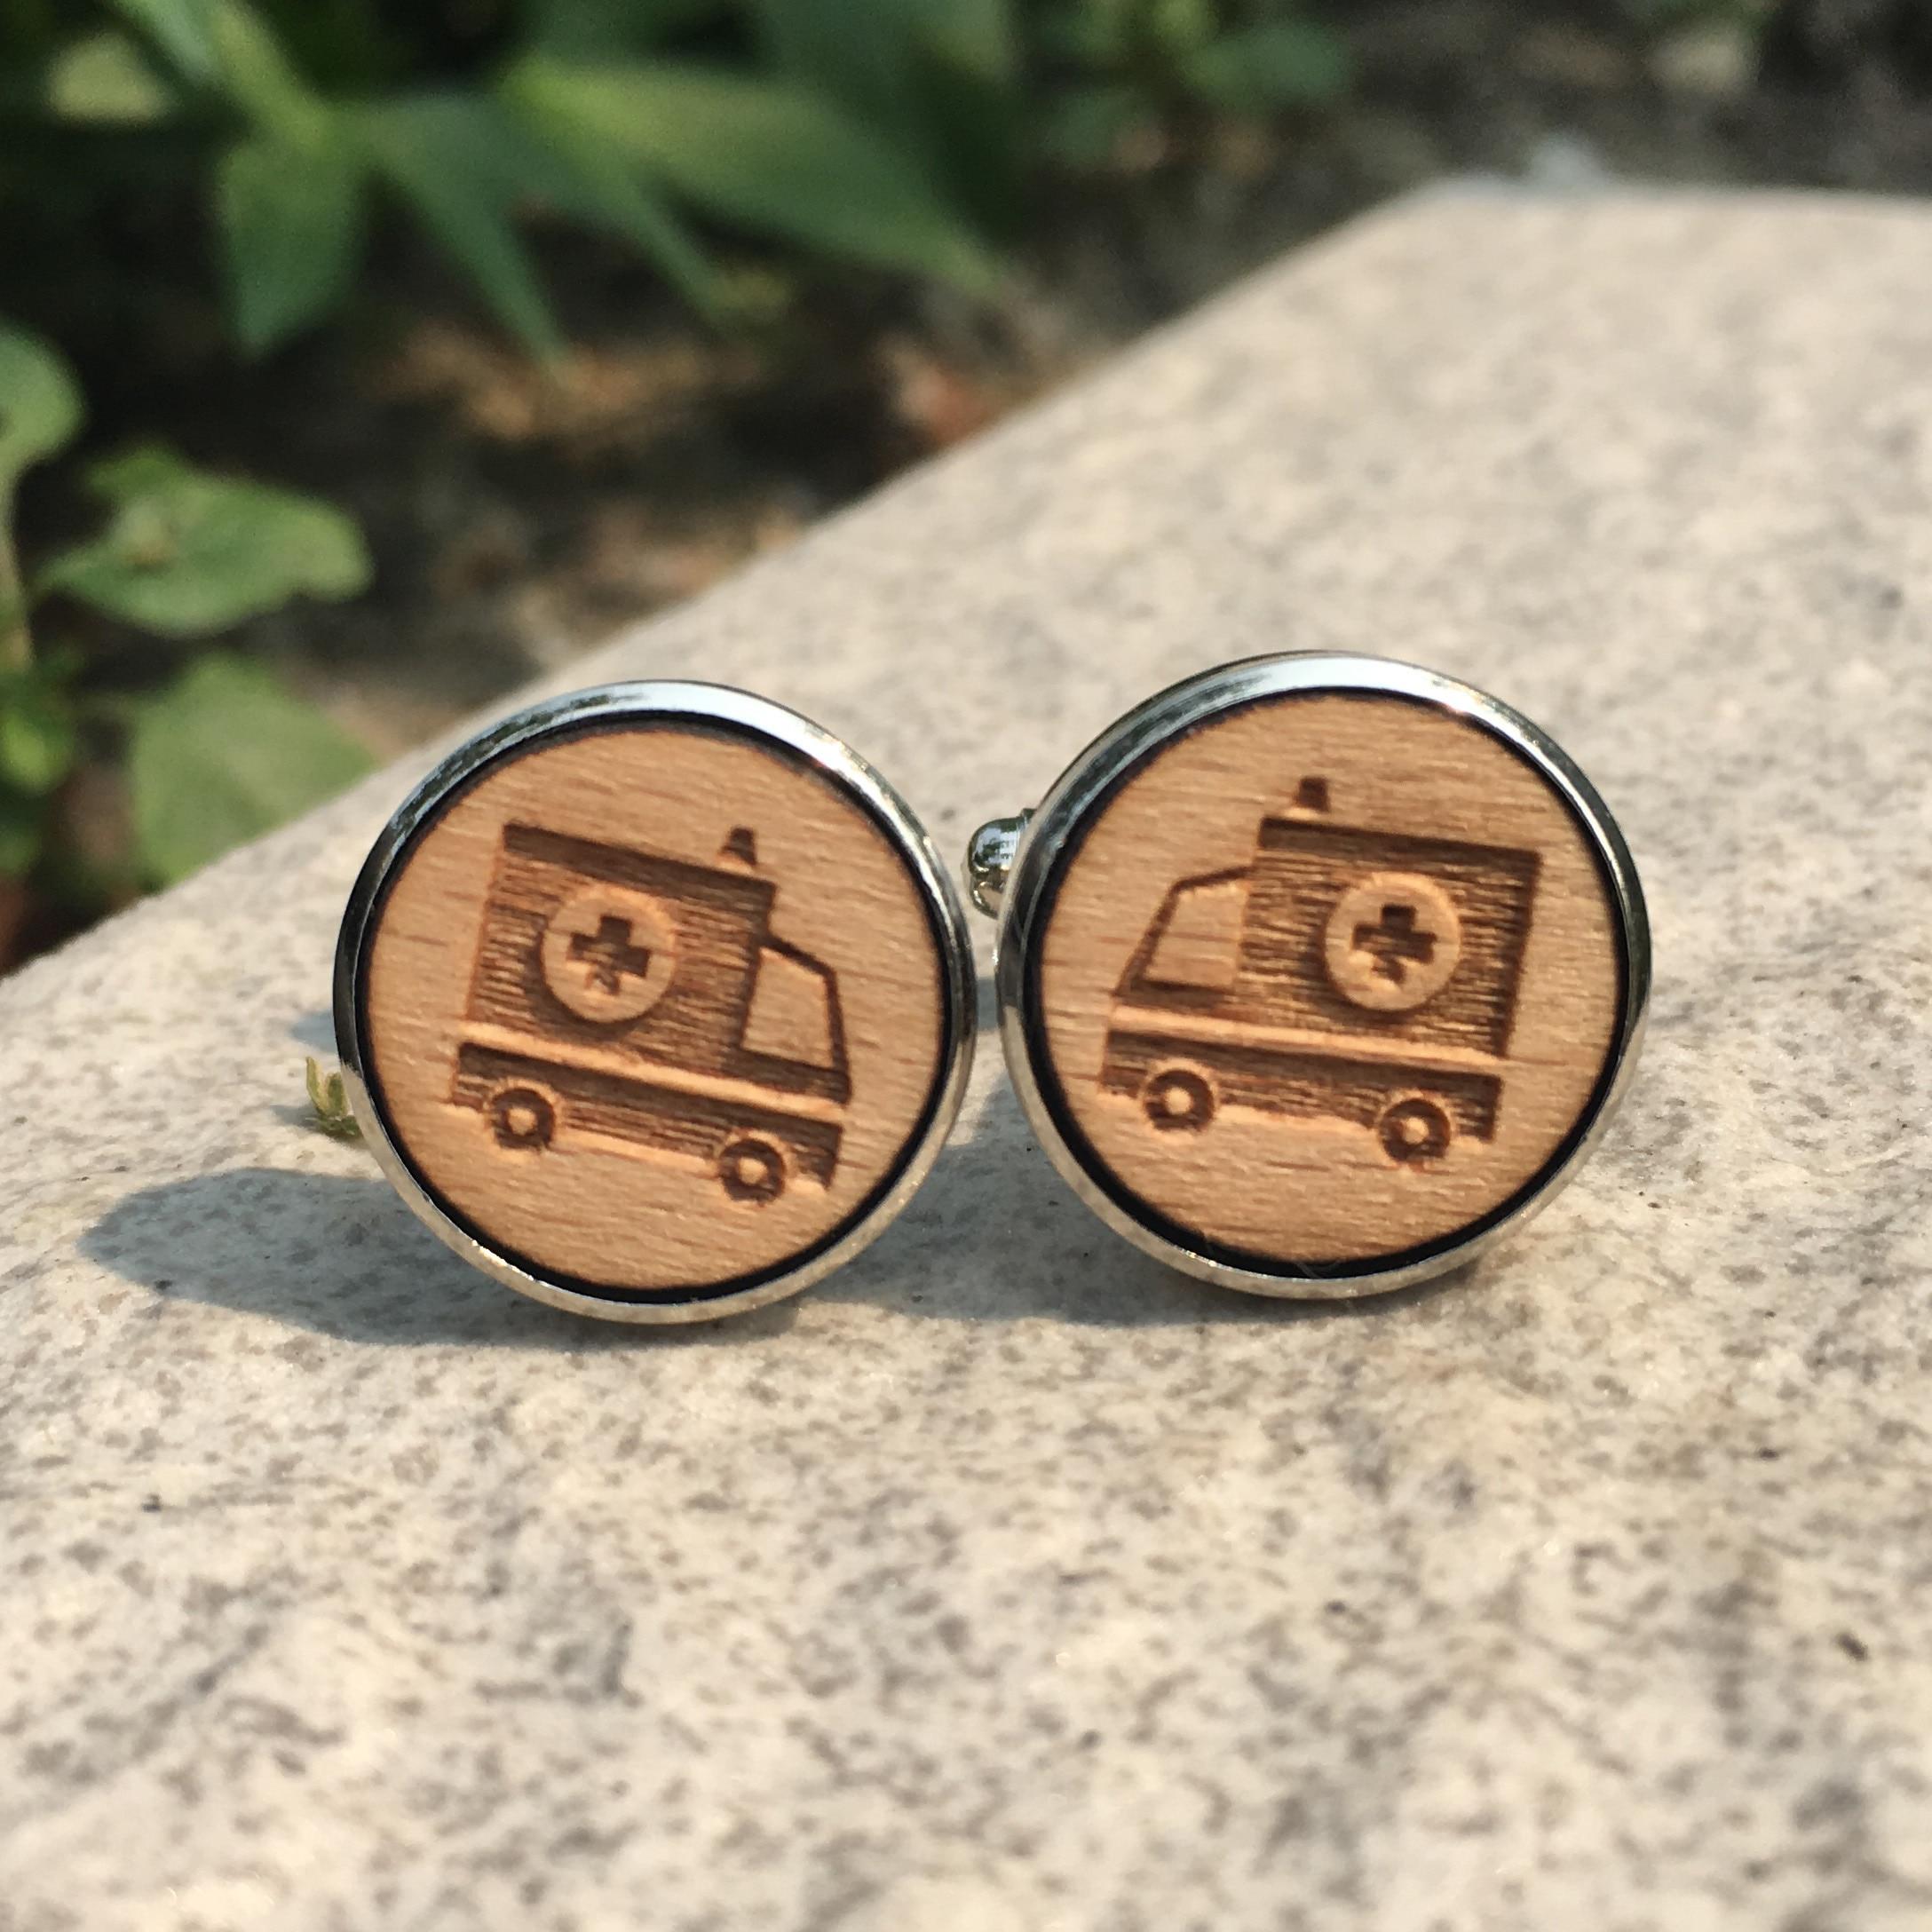 Ambulance Laser Cut Handmade Wood Cufflinks Car Wooden Cuff Link Rustic Wedding Accessory Groomsmen Cuff Links X 1 Pair